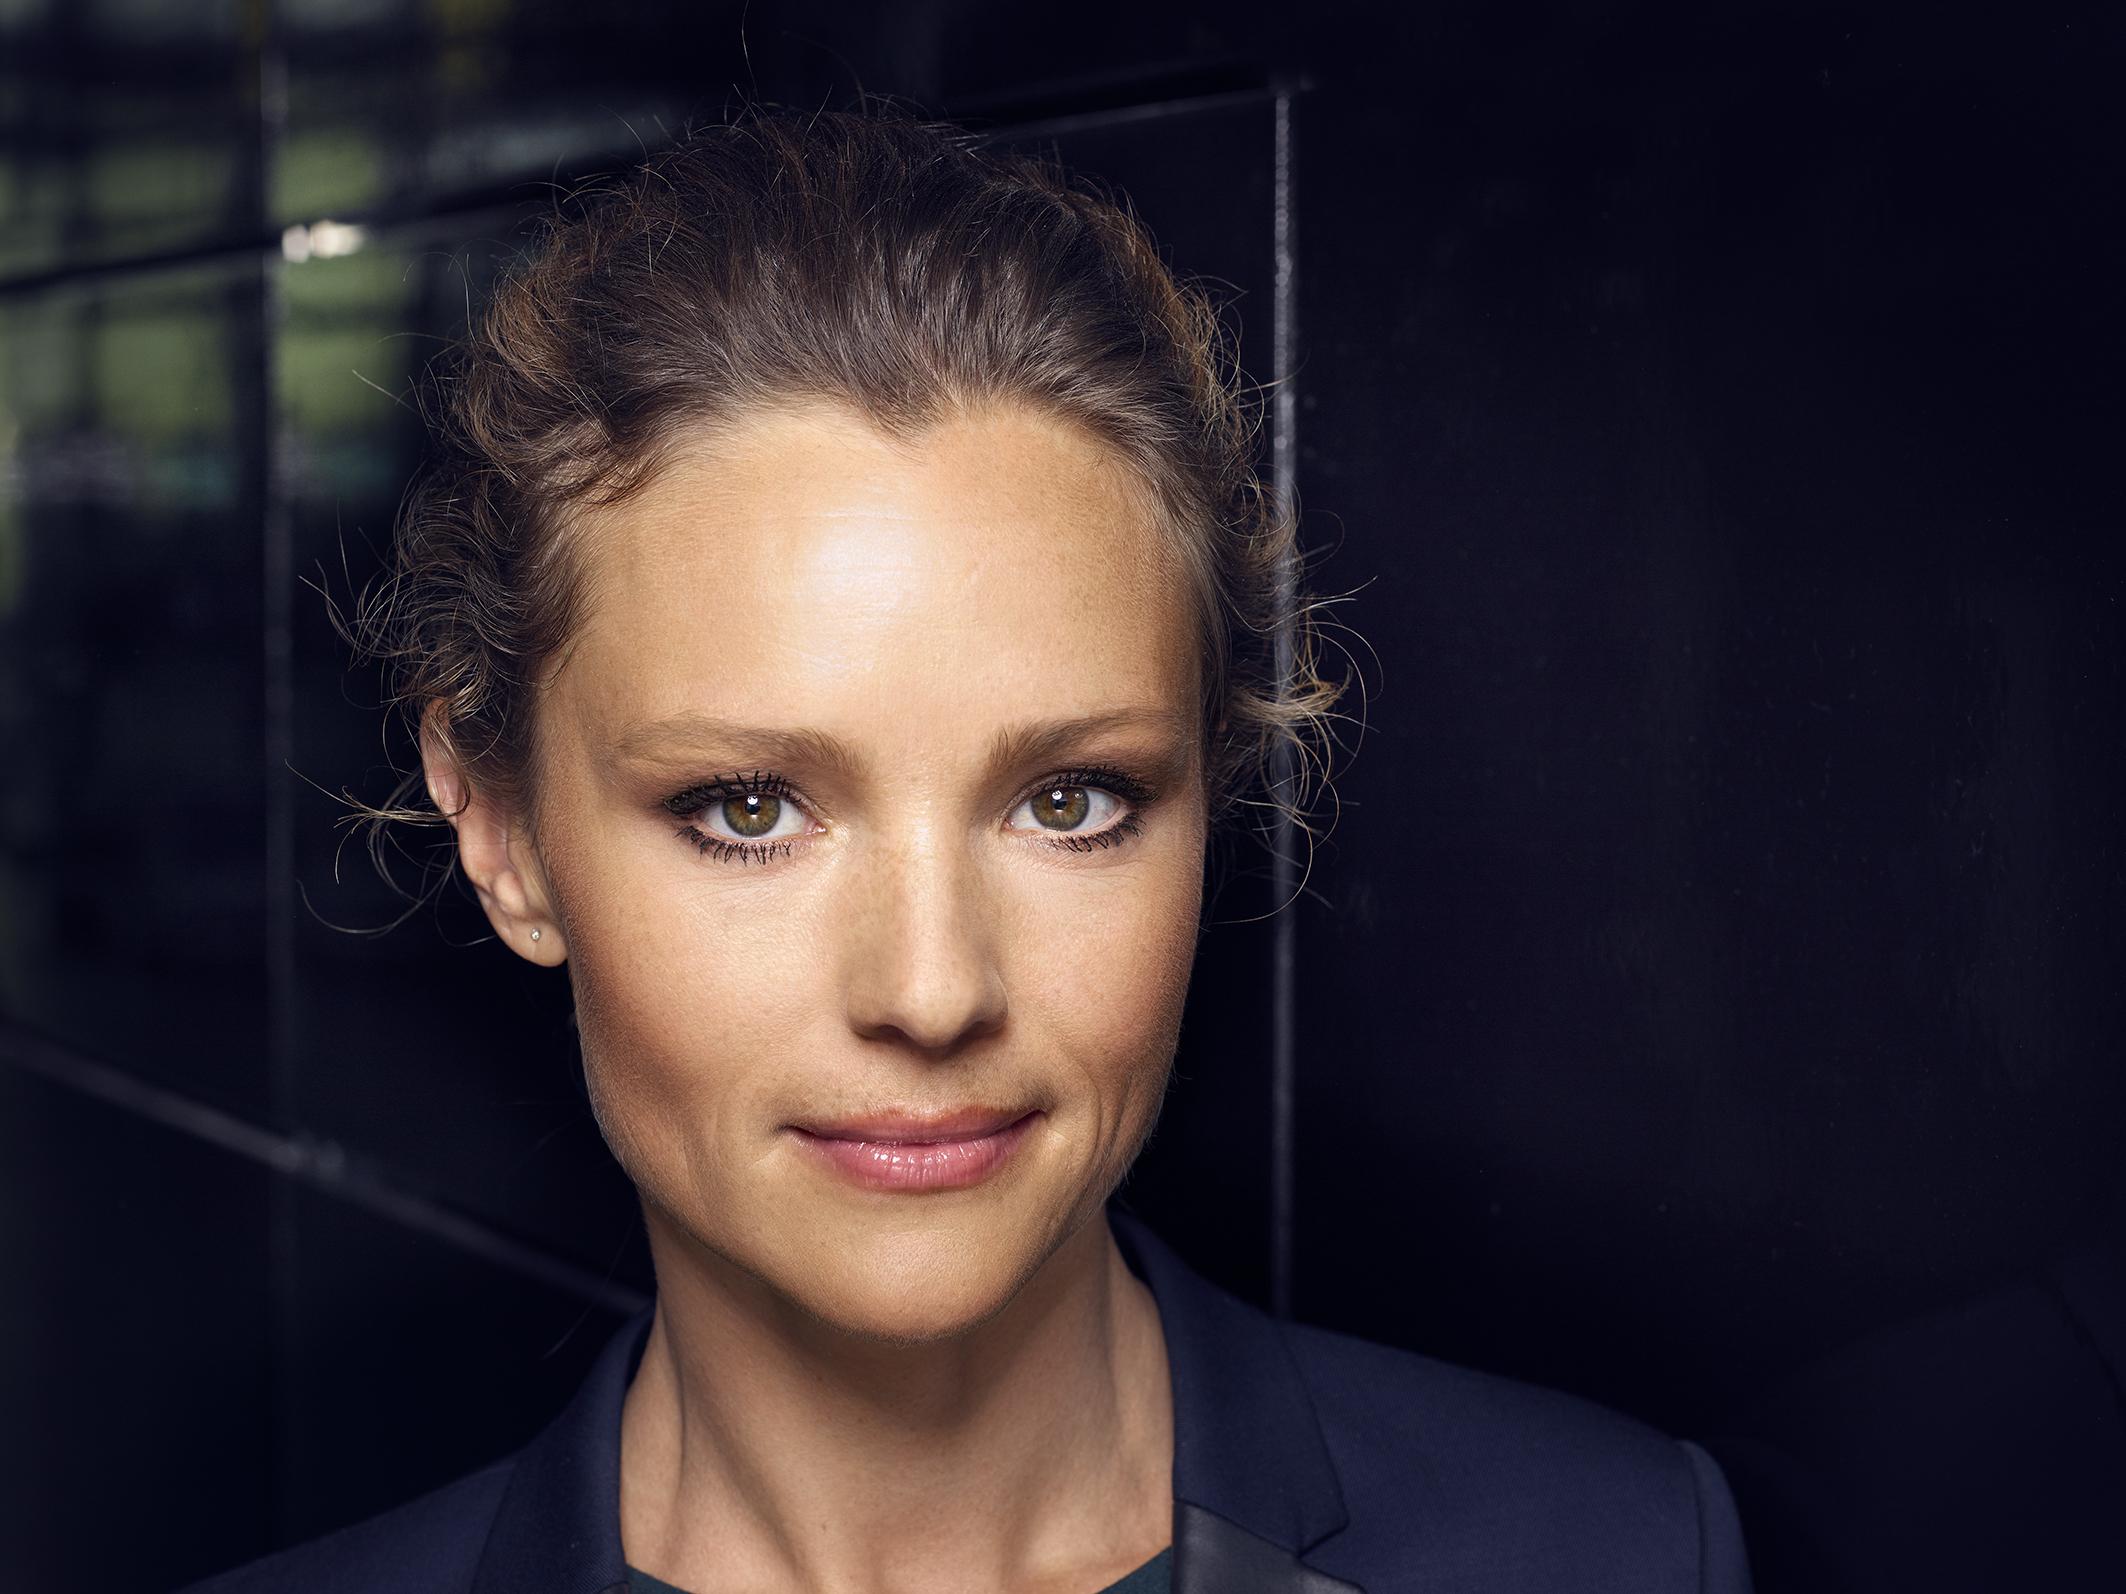 Lise Rønne